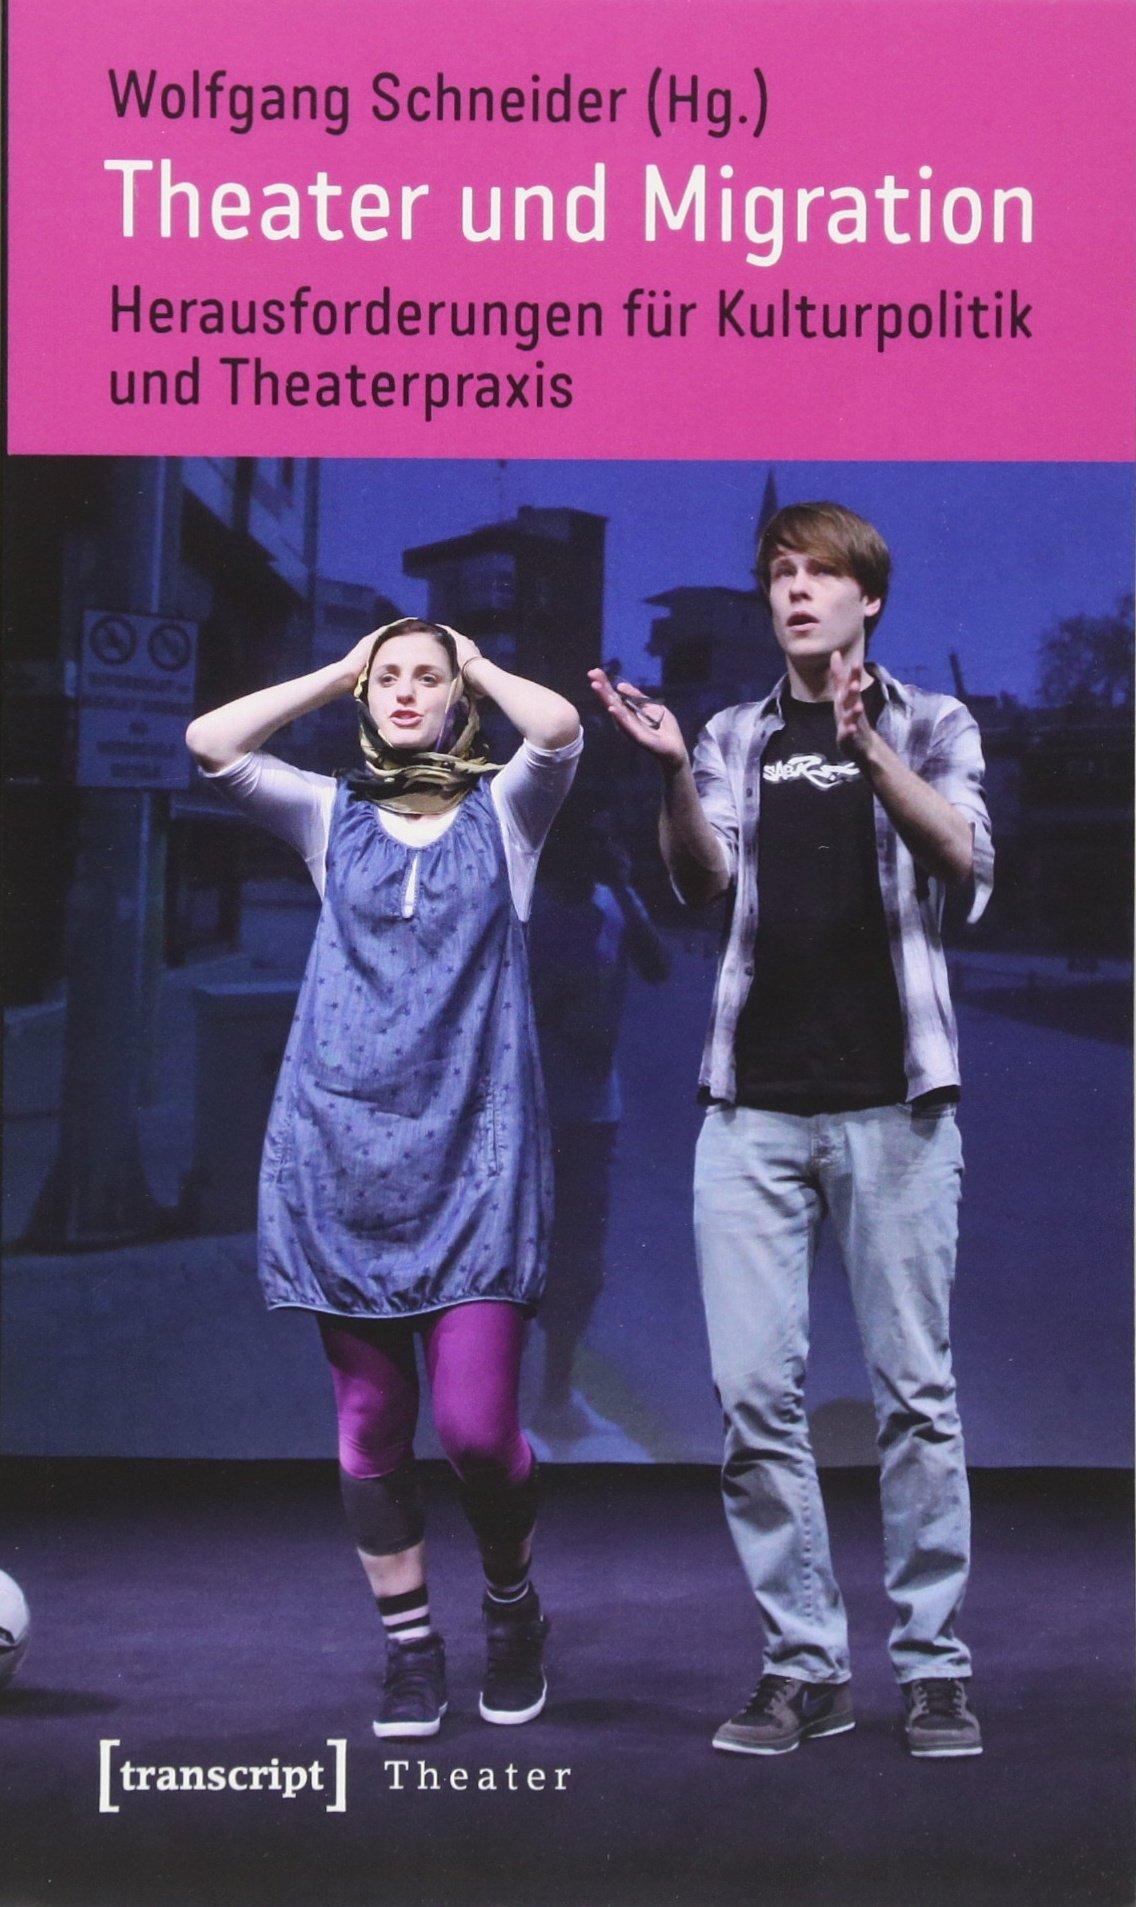 Theater und Migration: Herausforderungen für Kulturpolitik und Theaterpraxis Taschenbuch – 18. Juli 2011 Wolfgang Schneider Transcript 3837618447 Einwanderung (soziologisch)